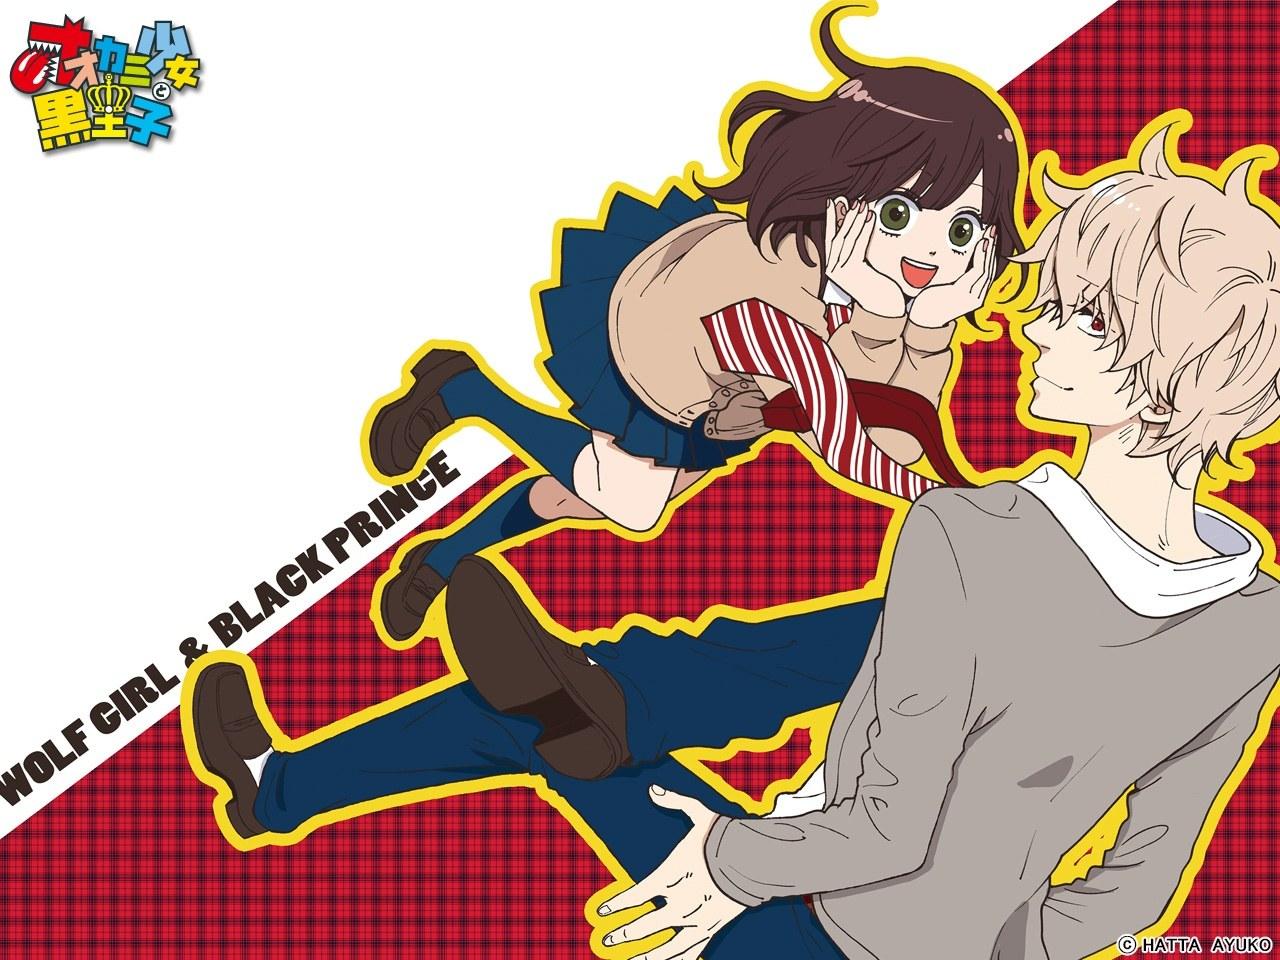 Nuovo manga per Ayuko Hatta